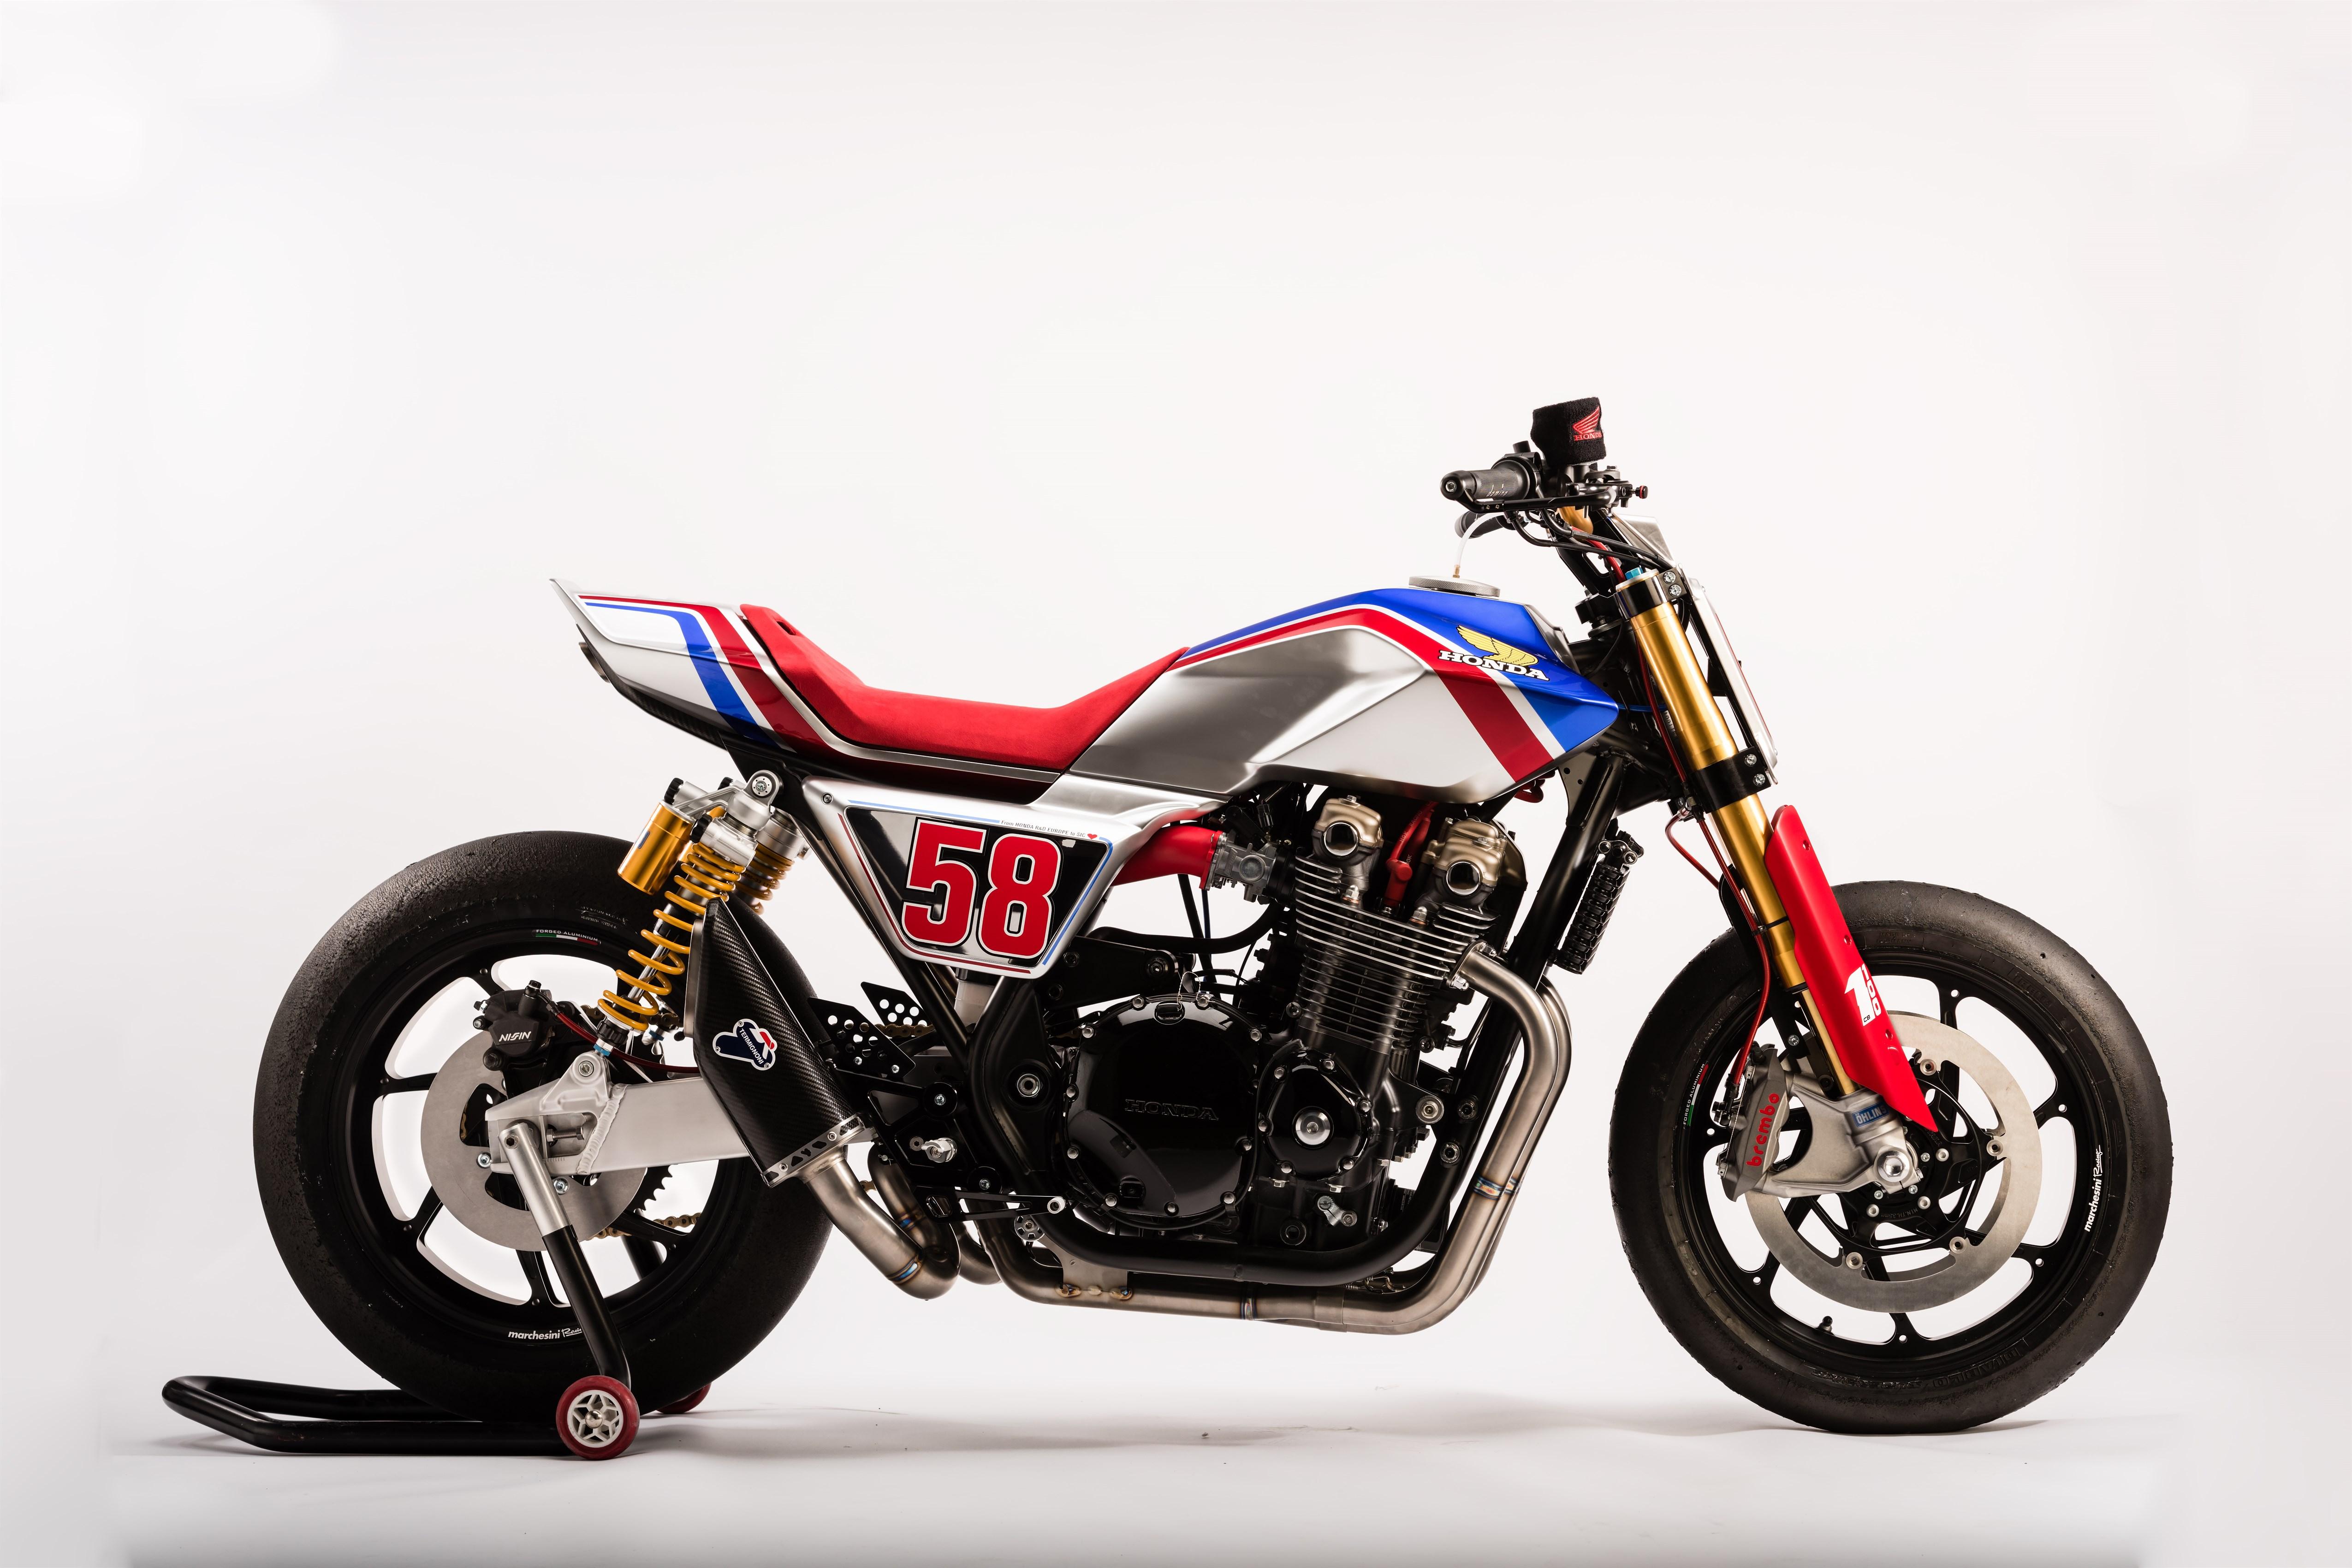 Honda CB 1100 TR Naked Bike Concept Bild Previous Next